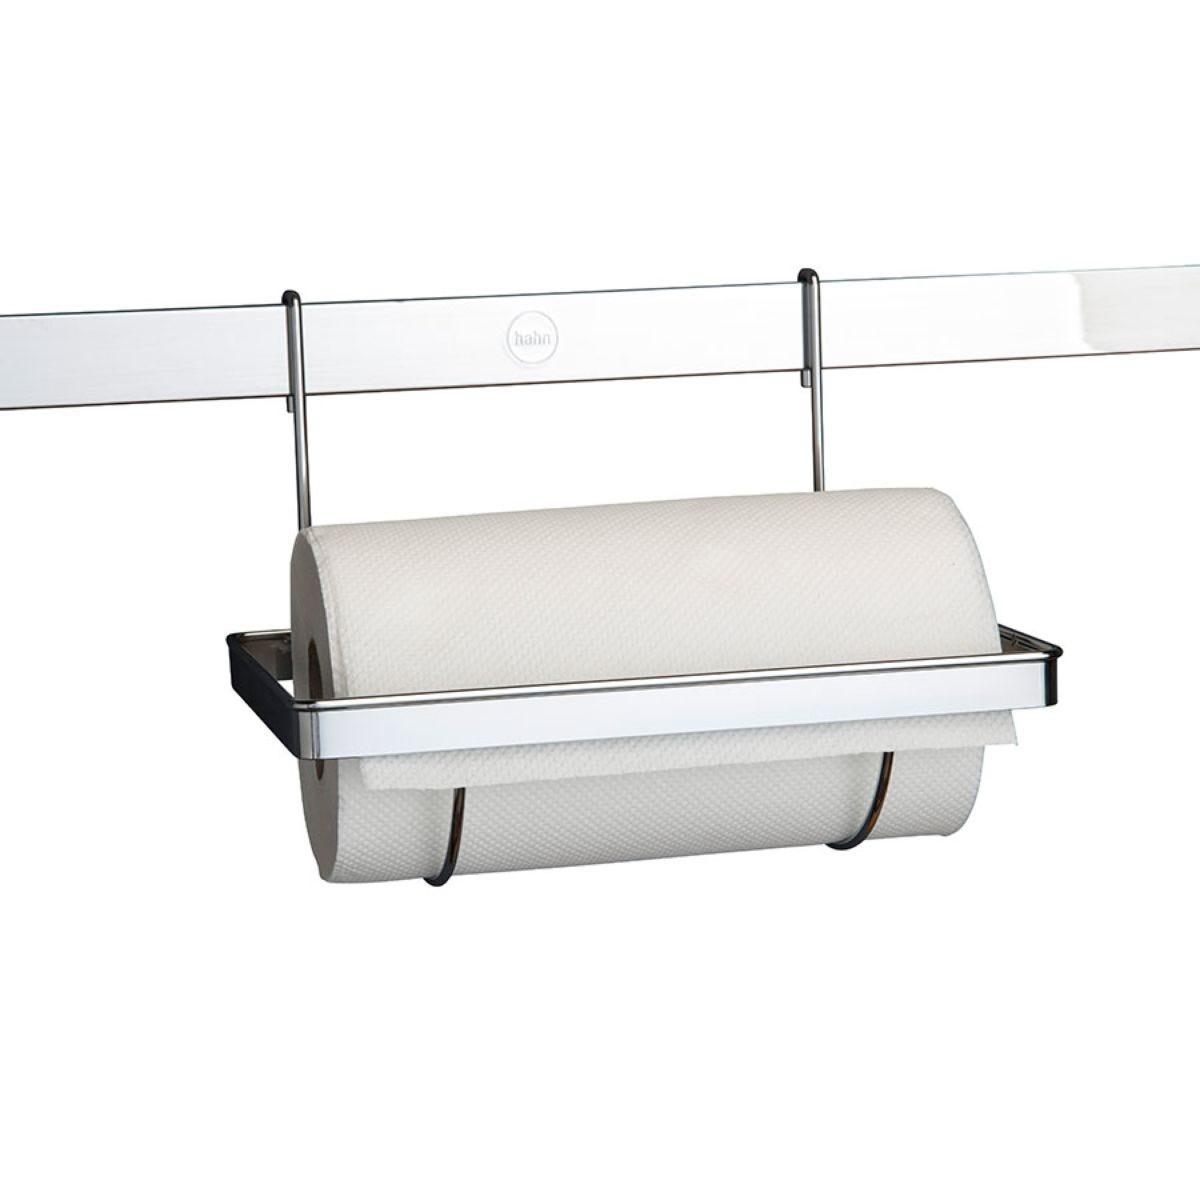 Hahn Metro Paper Towel Holder - Chrome